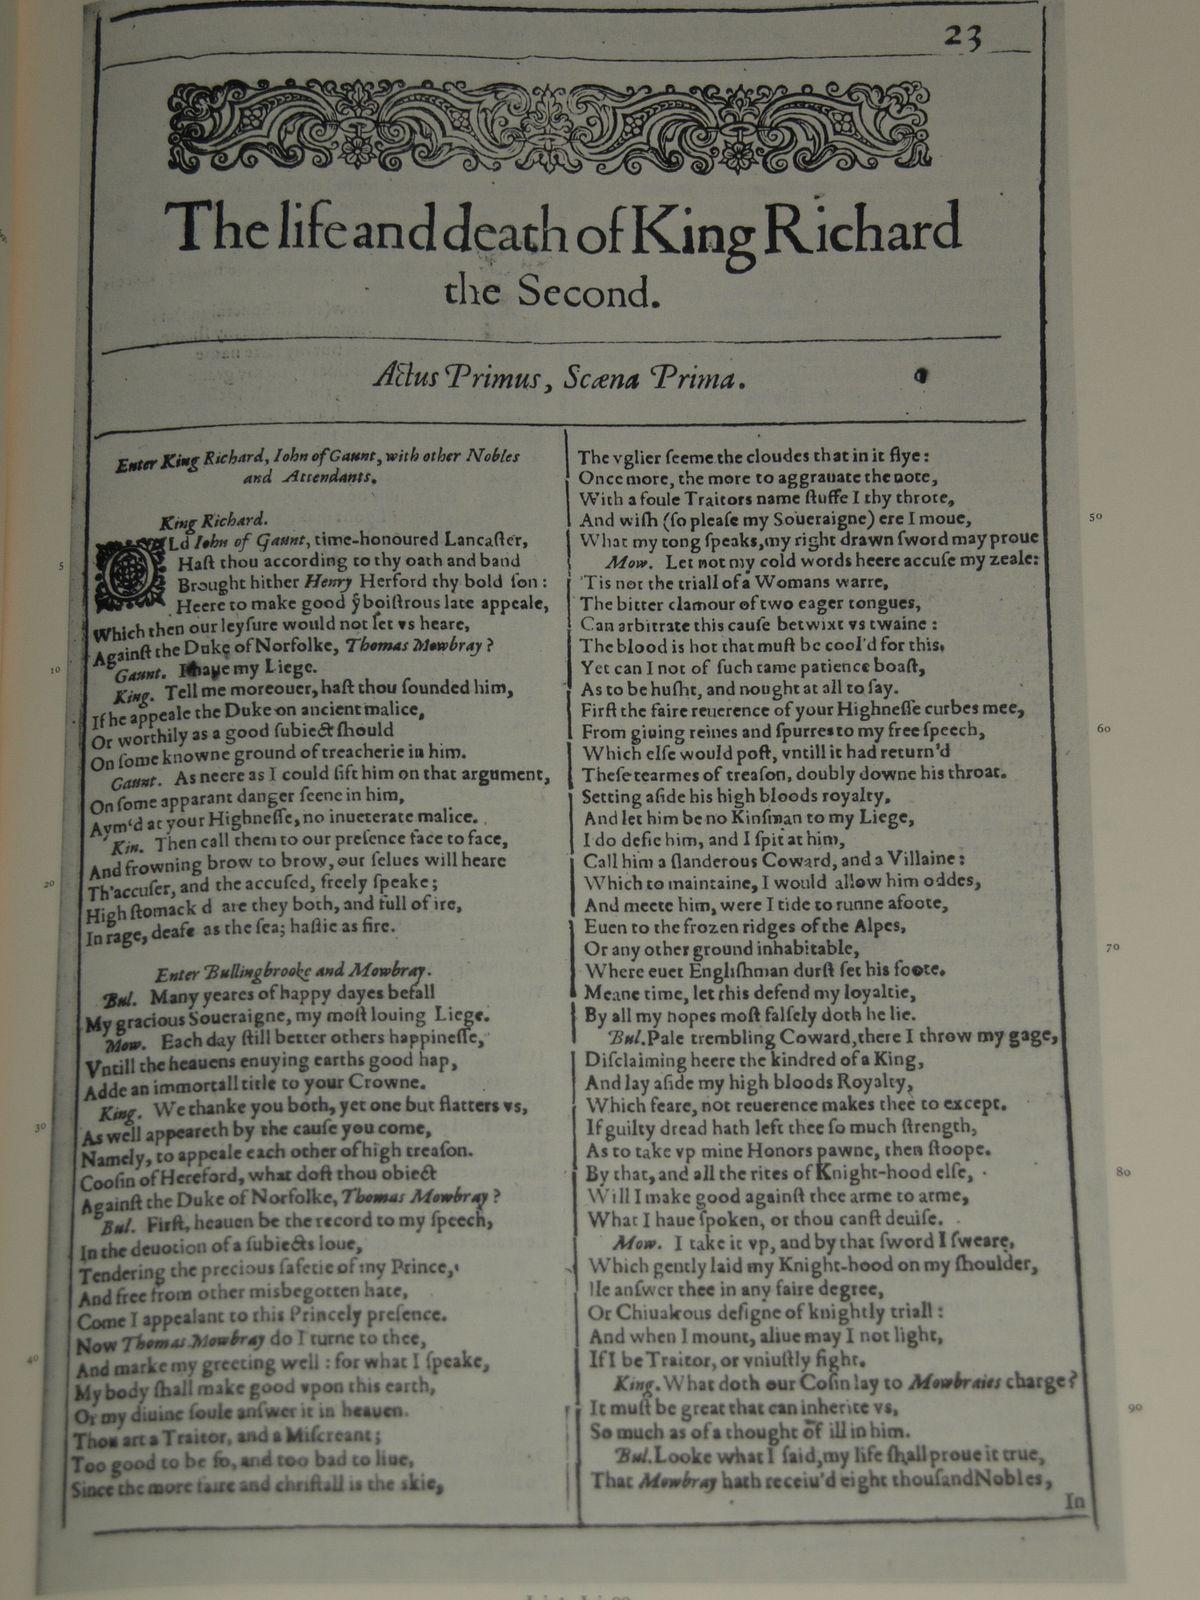 Шекспир юлий цезарь pdf скачать